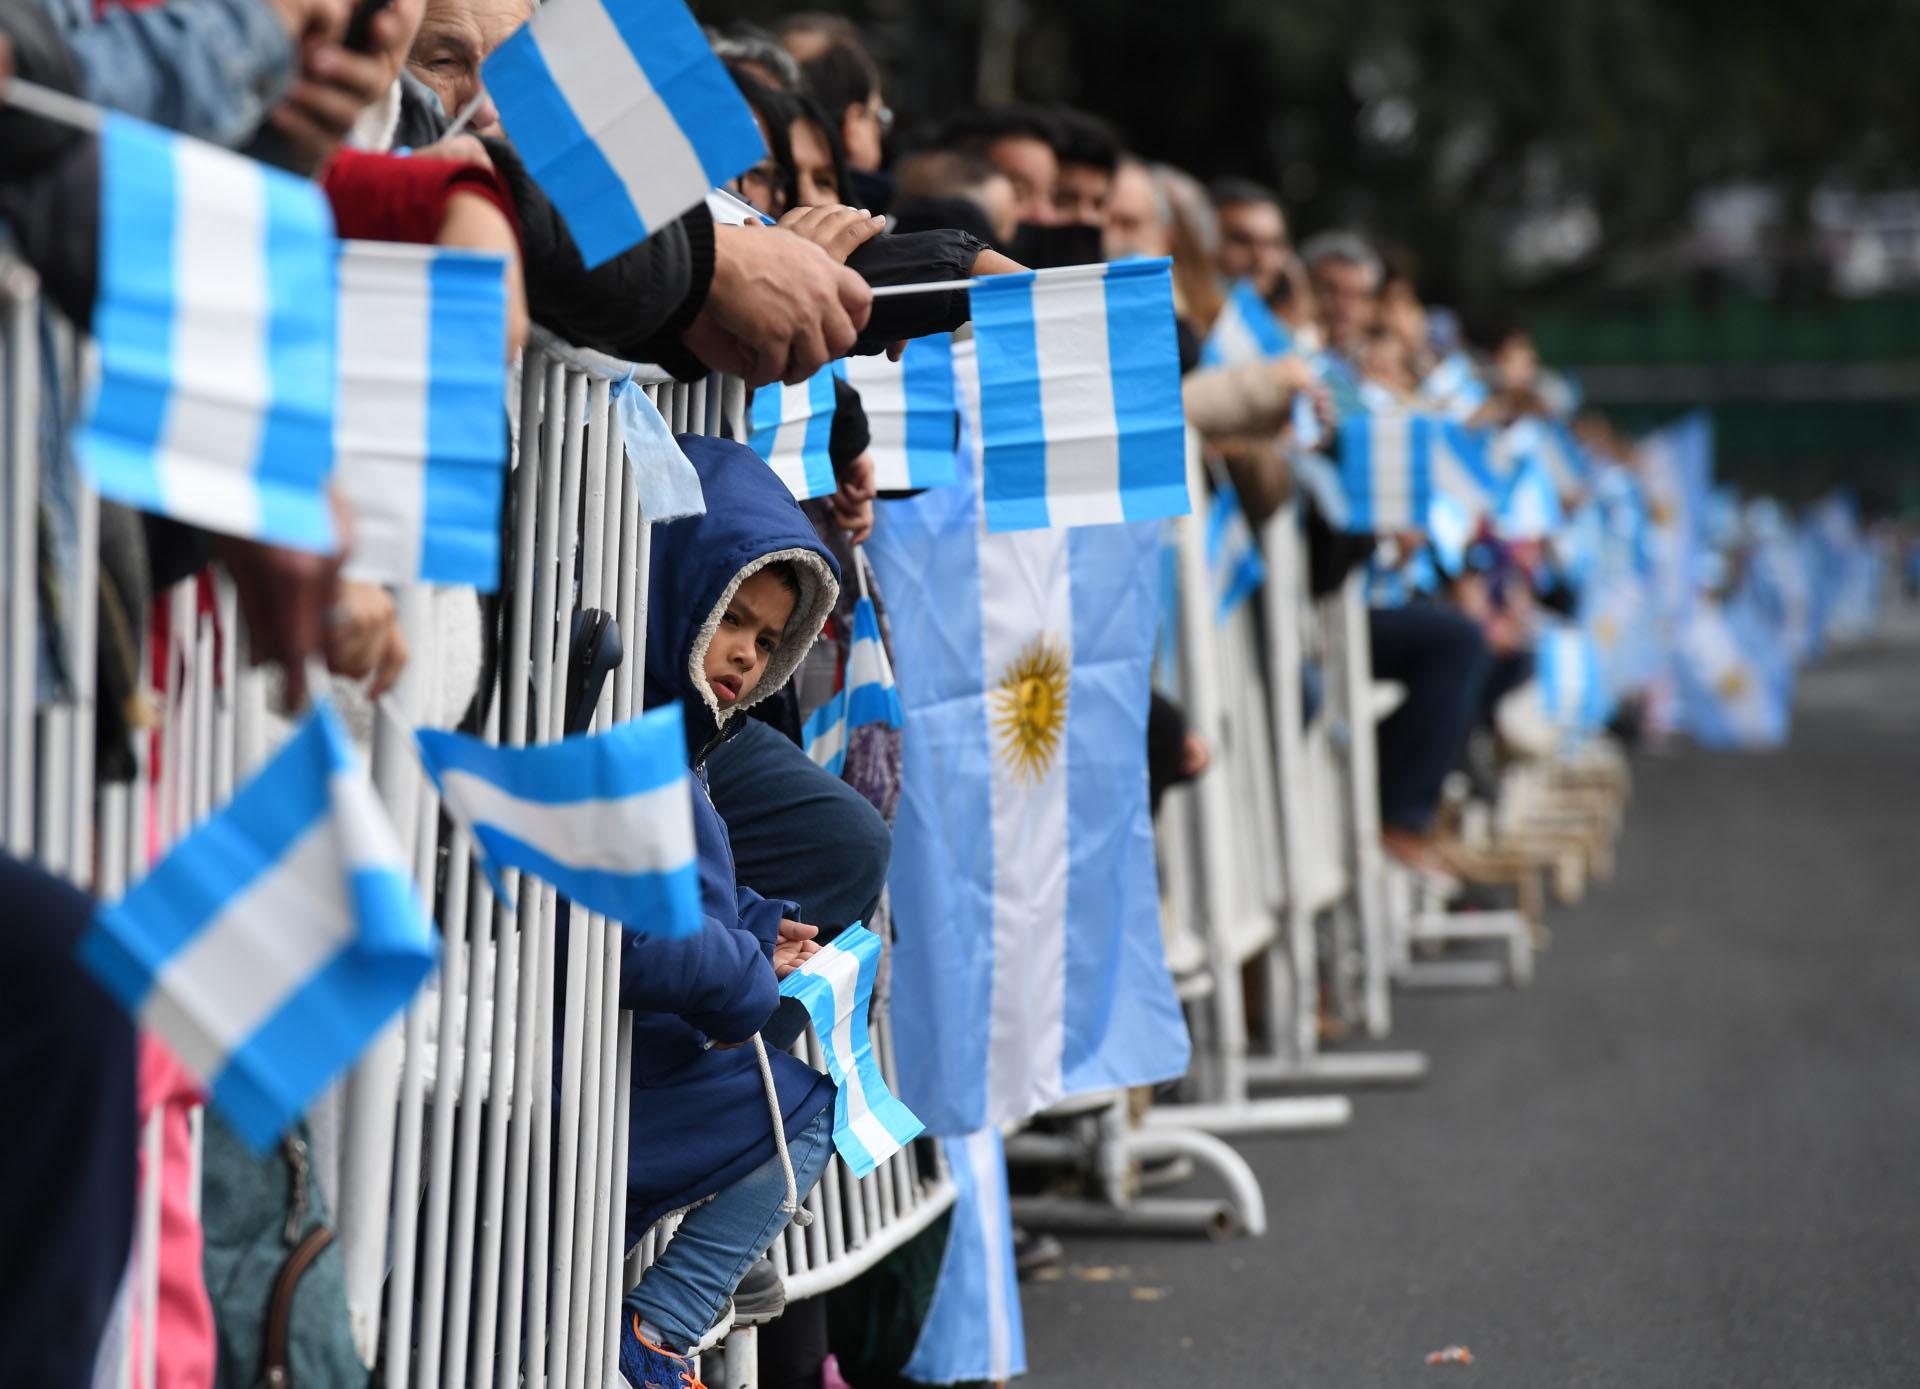 El desfile comenzó a mitad de la mañana y se extendió hasta las primeras horas de la tarde